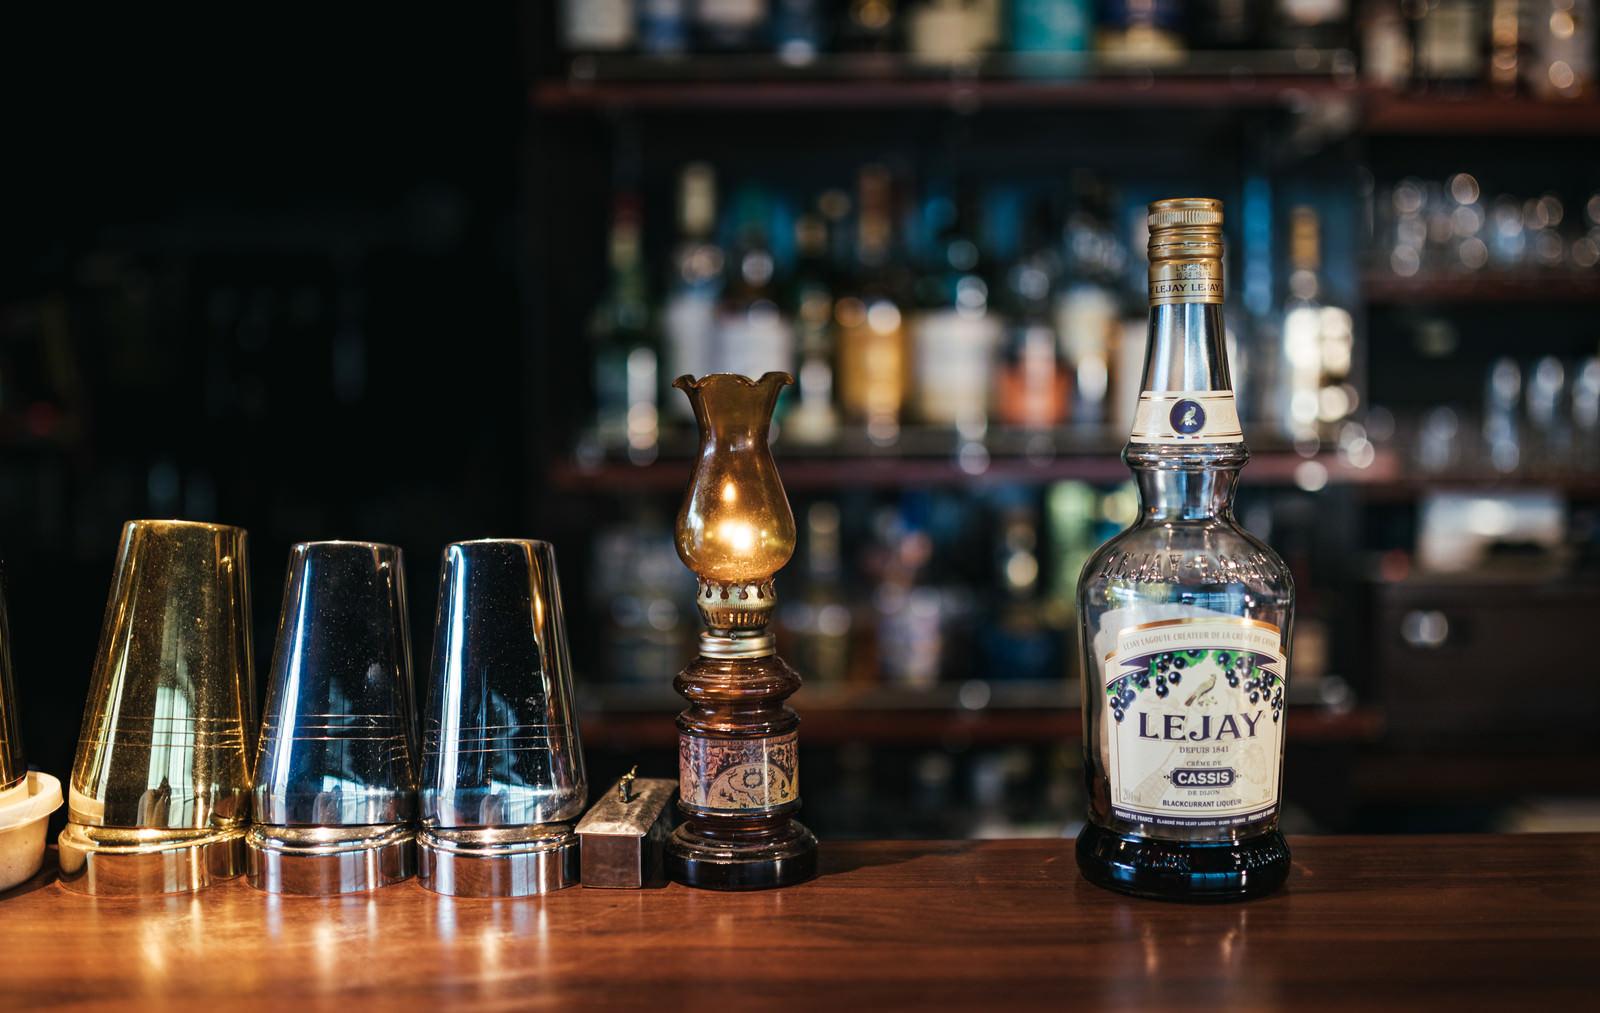 「くびれた特徴的なボトルの黒スグリのリキュール、ルジェクレームドカシスとバーカウンター」の写真